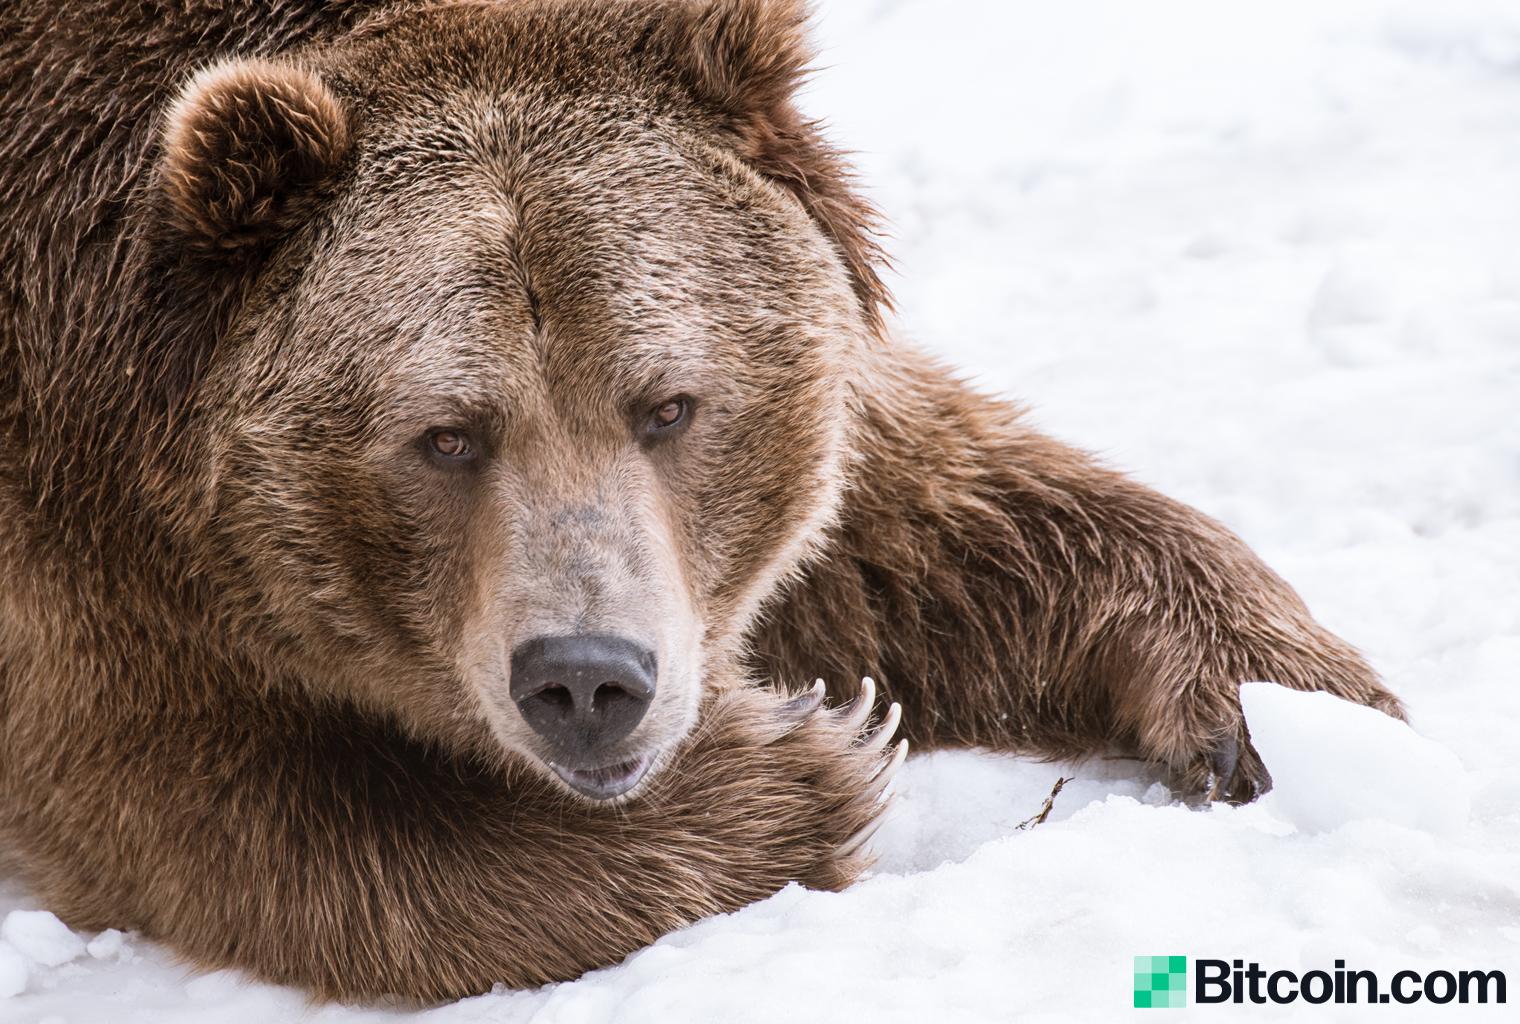 Cómo se compara Crypto Winters del pasado de Bitcoin con hoy